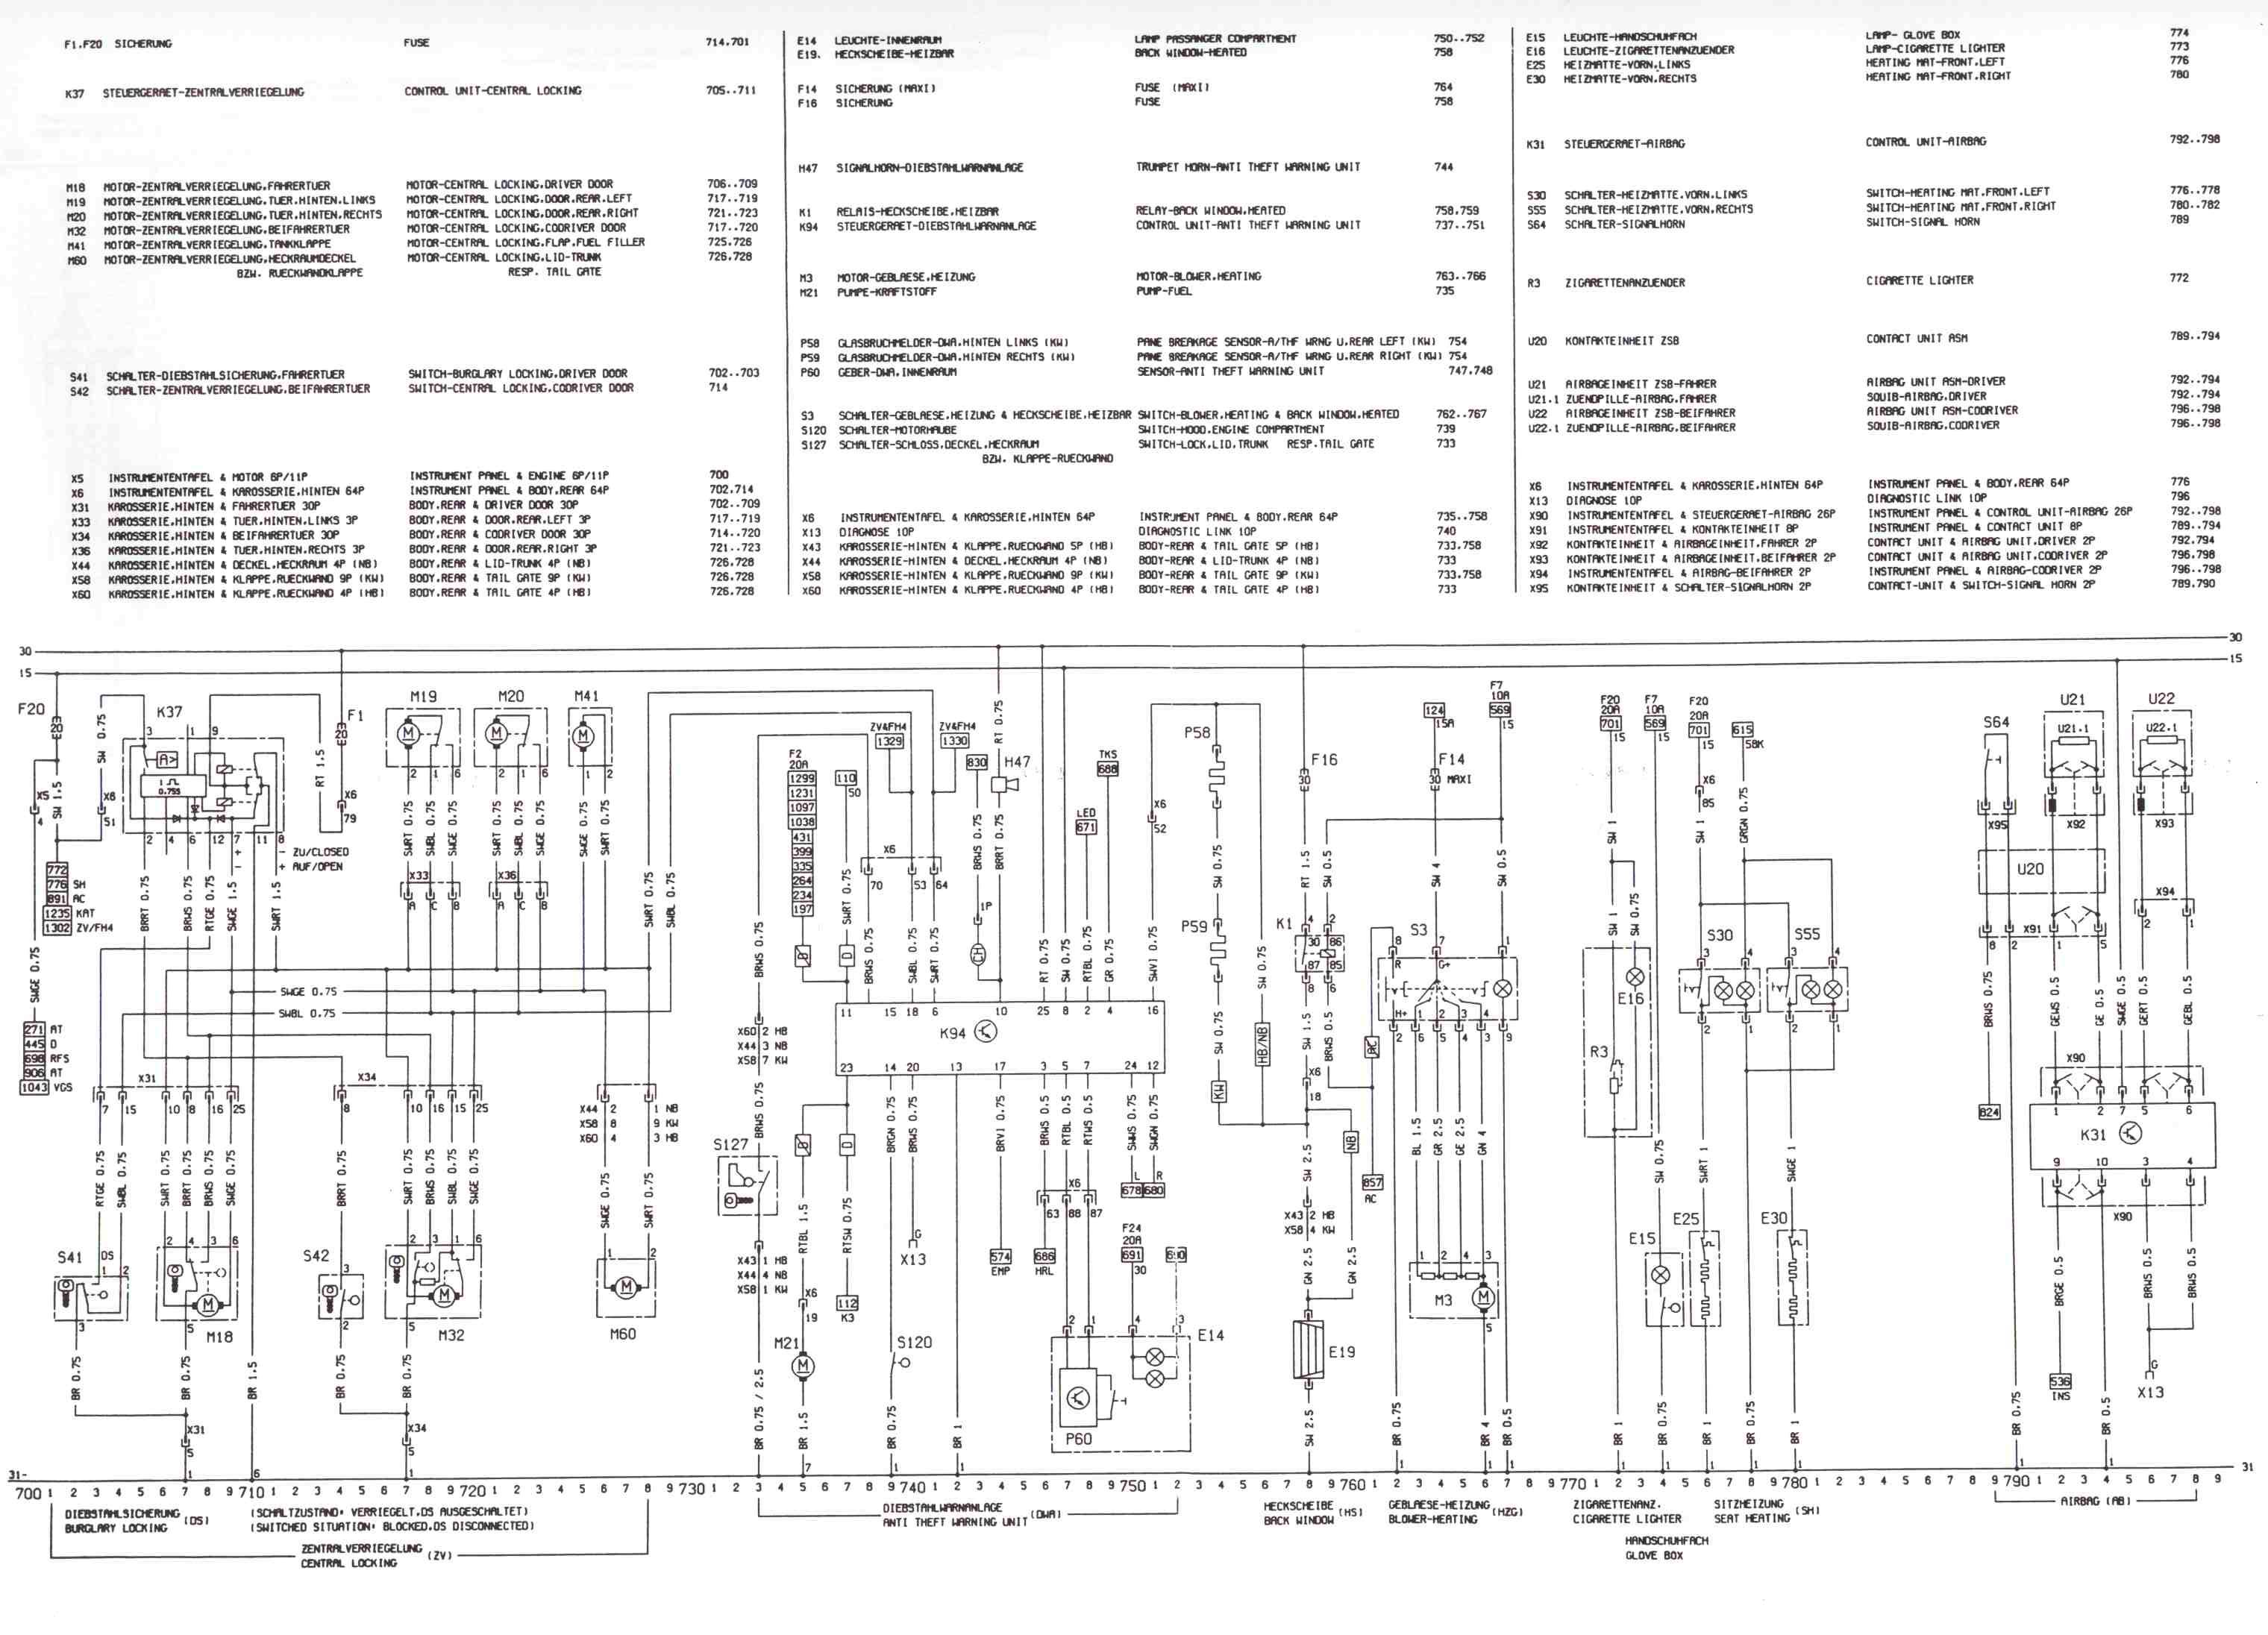 9 as well Stromlaufplaene Audi 80 90 in addition Schaltungen aus besides Bauherreninformation Knx moreover Defektes Ausruecklager Beim Peugeot 206. on stromlaufplaene